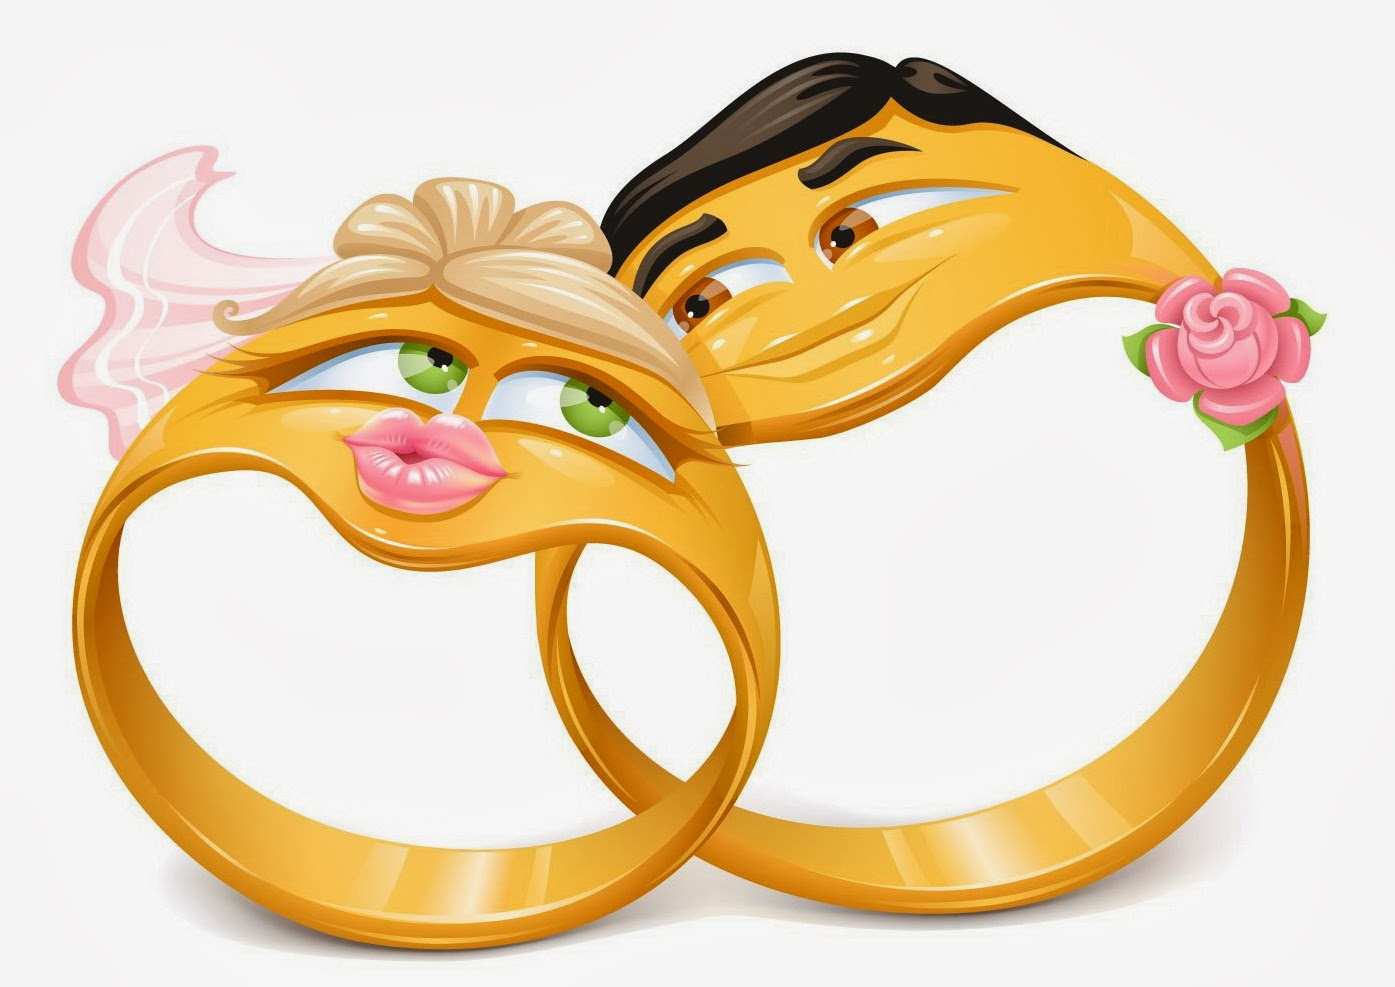 Поздравления с днем свадьбы со стороны жениха